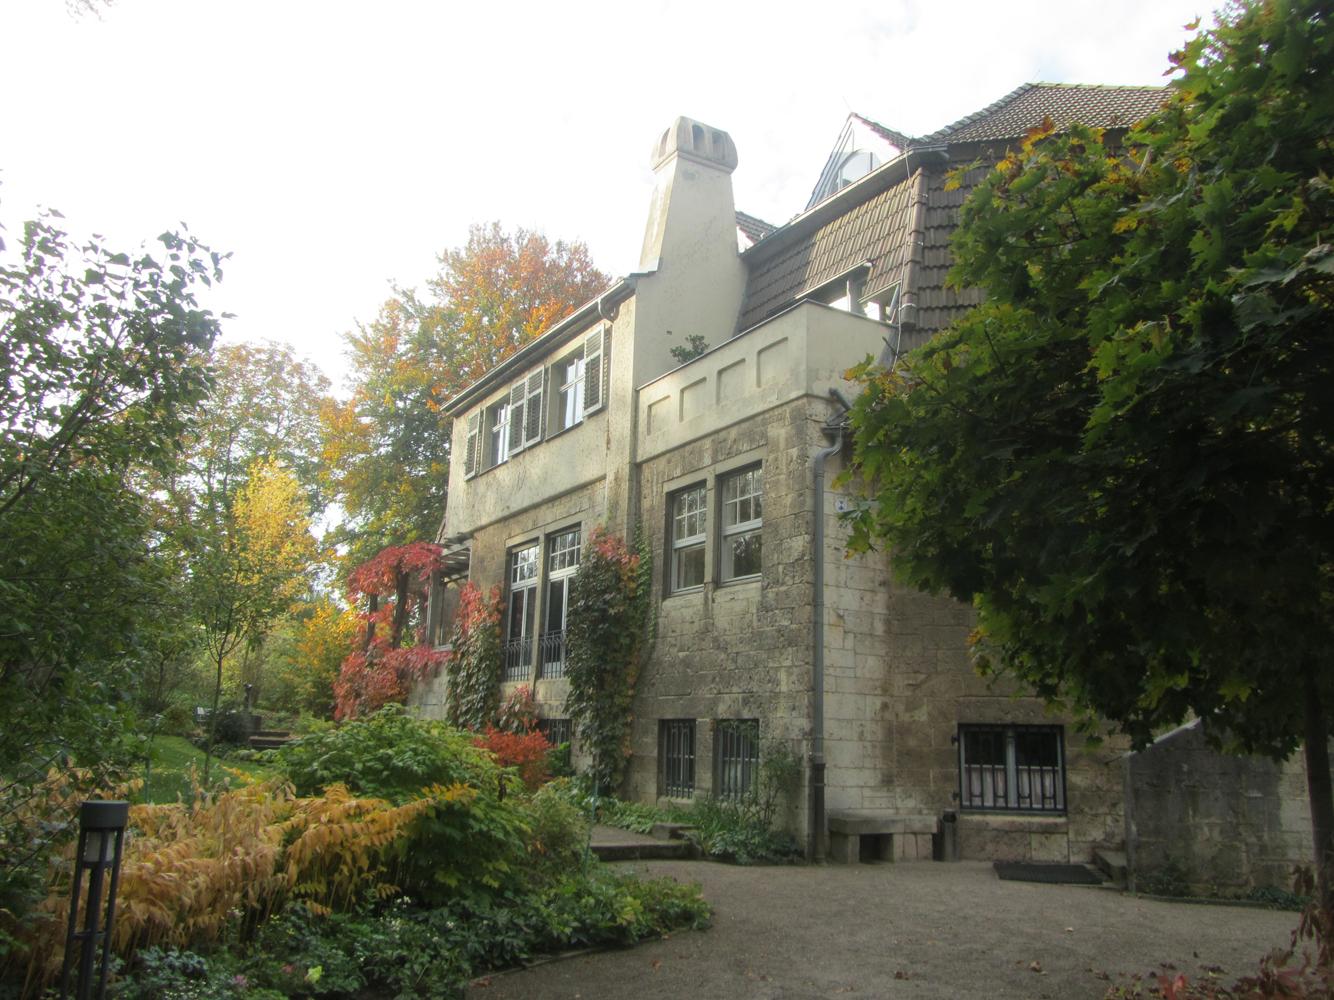 Titel foto Henry van de Velde Haus Hohe Pappeln kopie